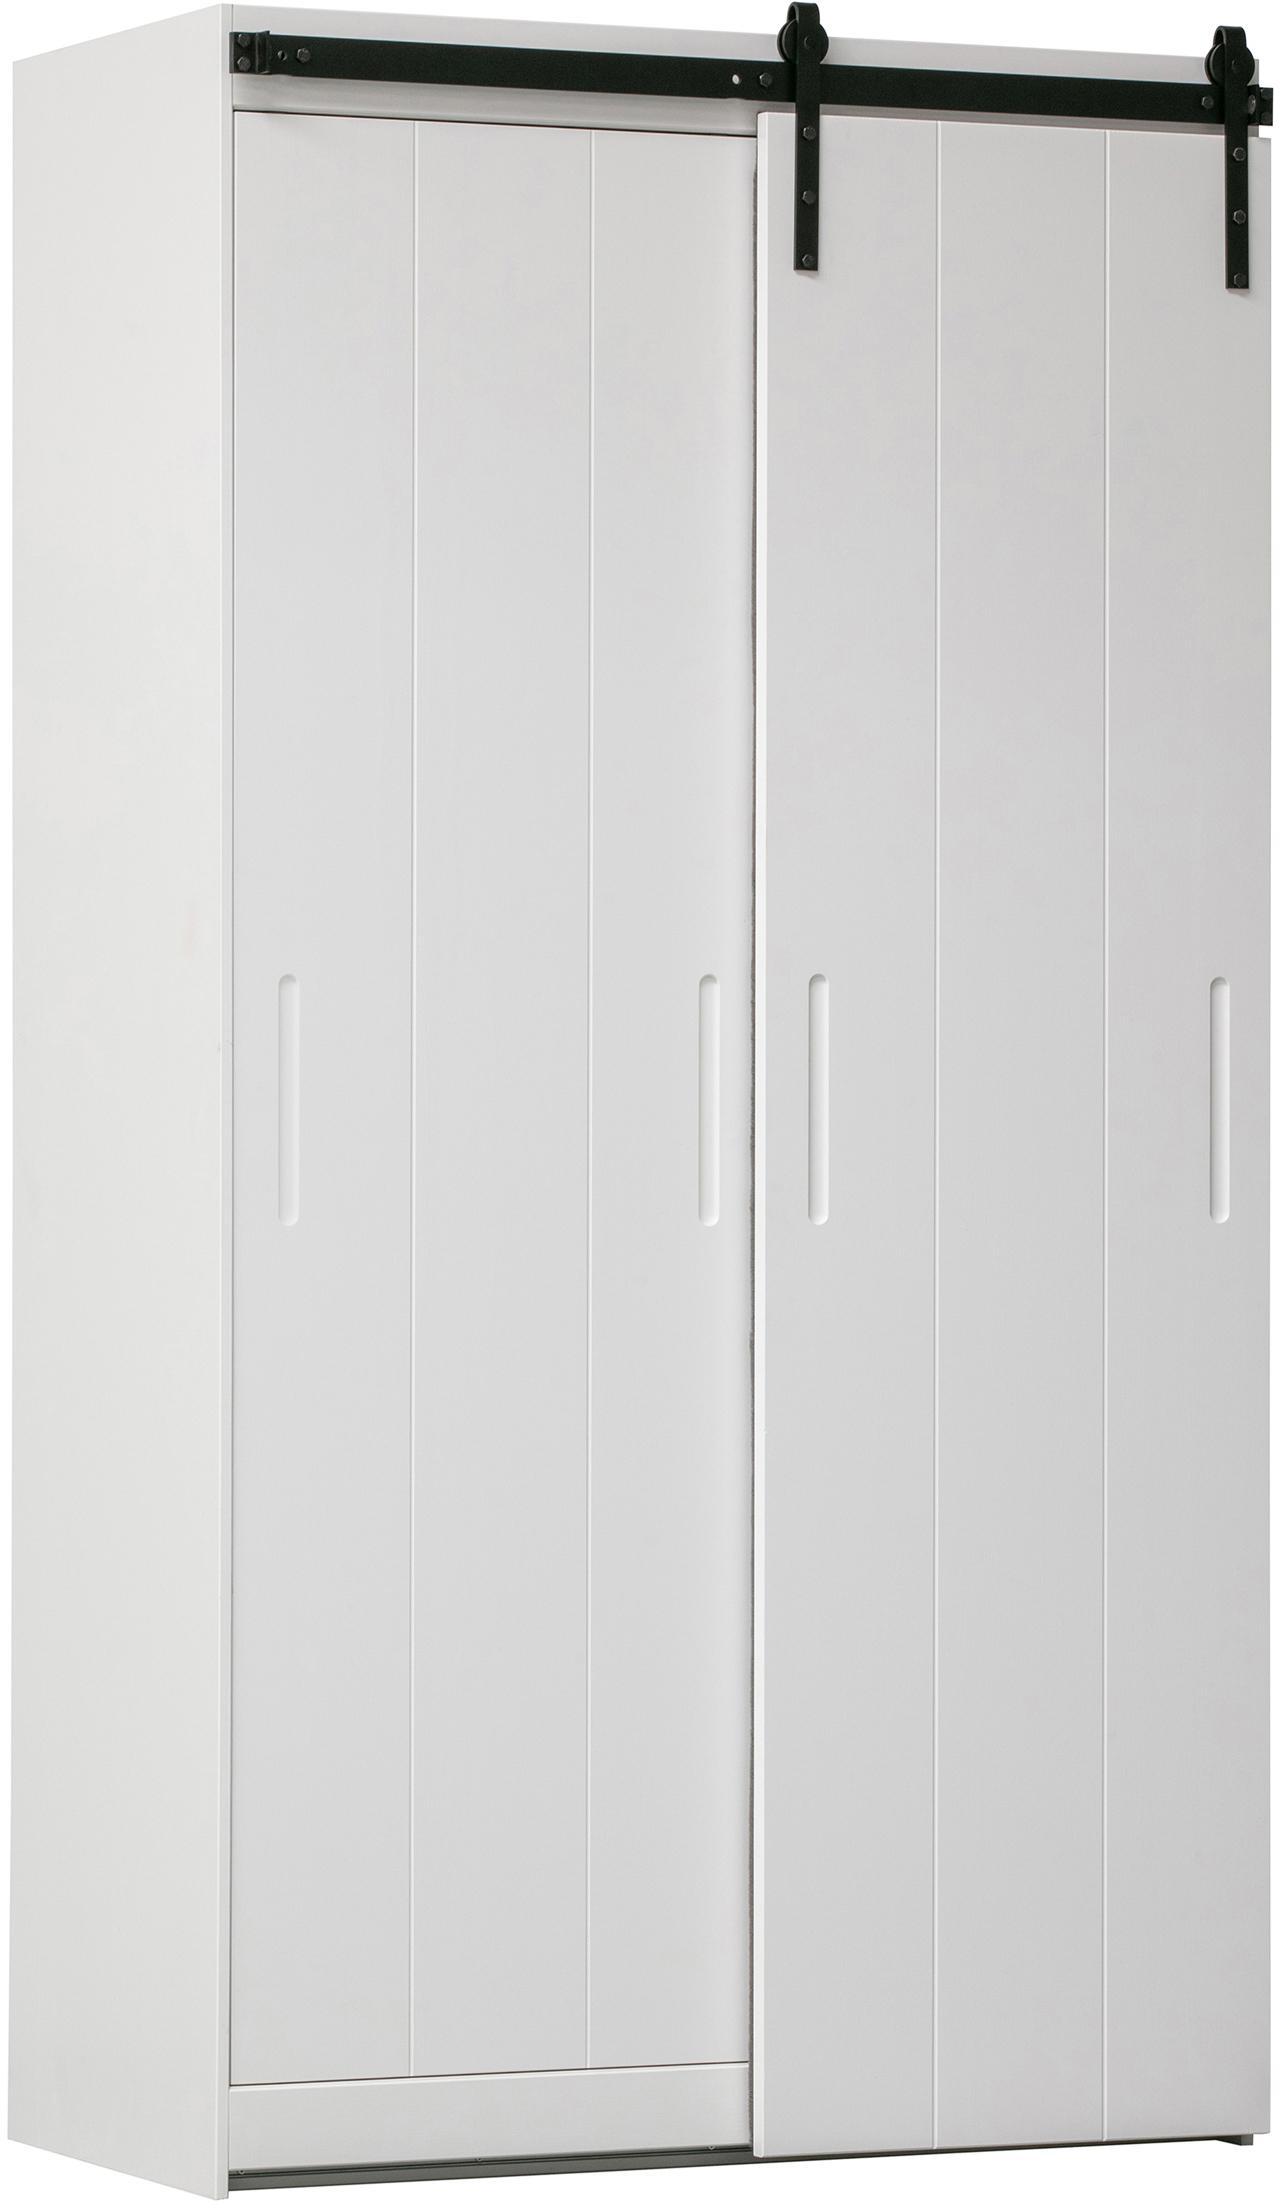 Armario Luuk, Estructura: madera de pino, pintado, Blanco, An 115 x Al 218 cm